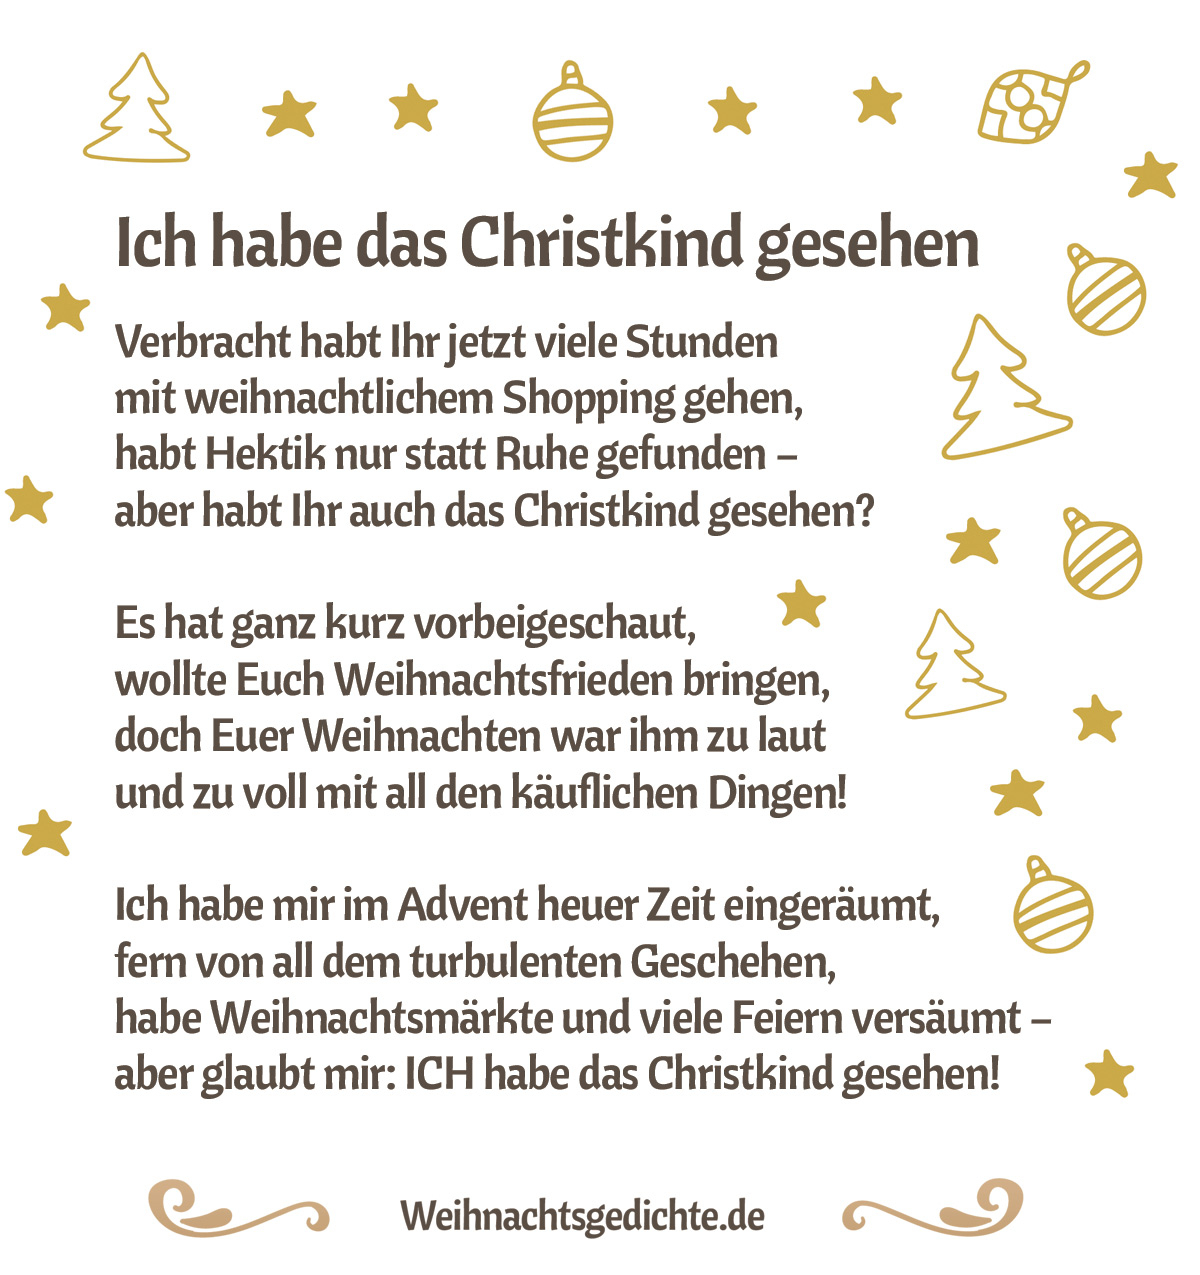 Weihnachtsgedichte Bilder Zum Versenden Als E-Mail Oder Facebook ganzes Lustige Und Kurze Weihnachtsgedichte